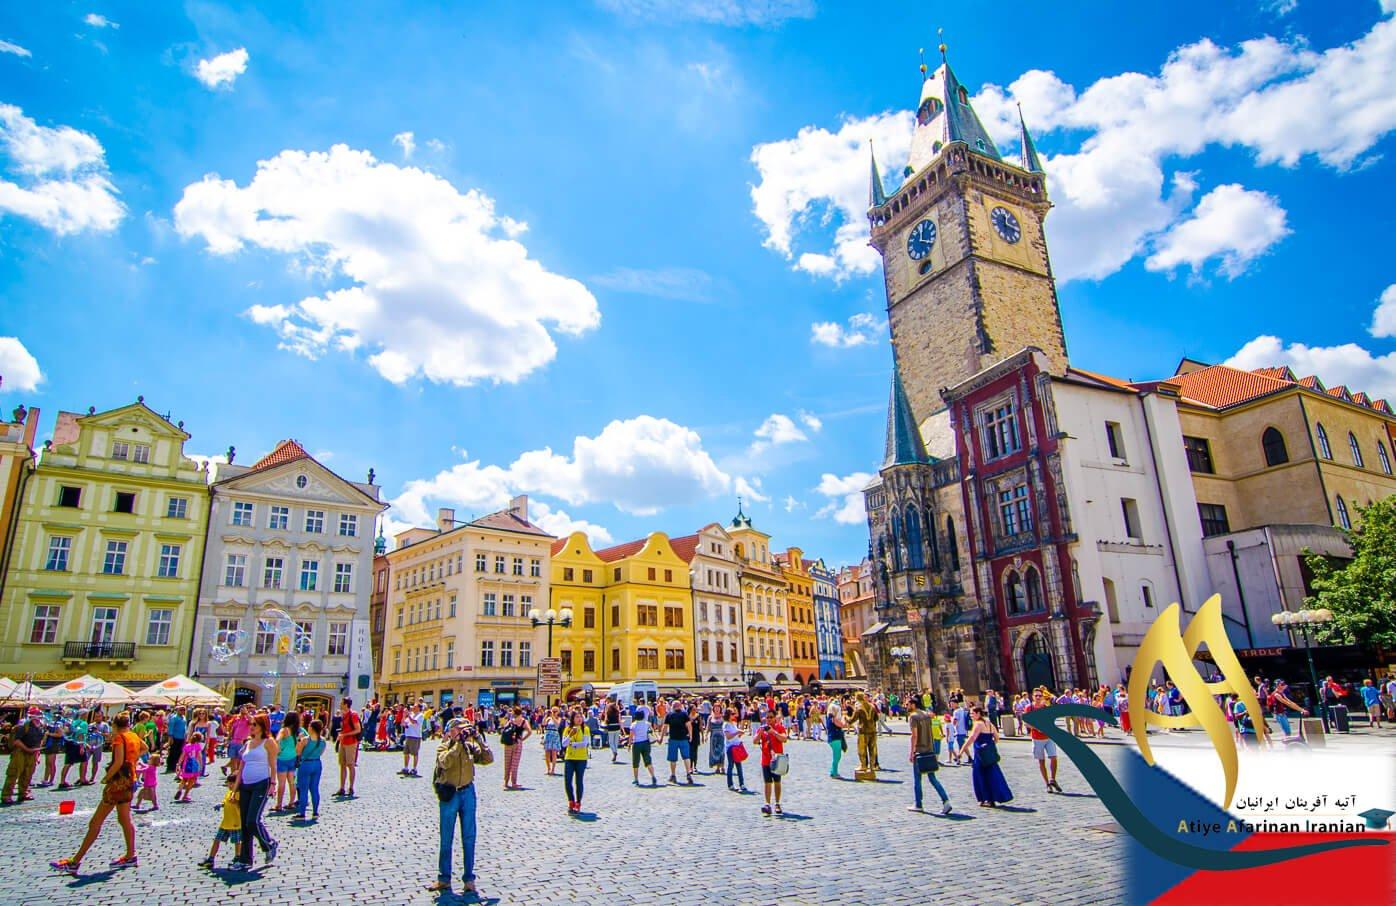 اطلاعات کشور چک